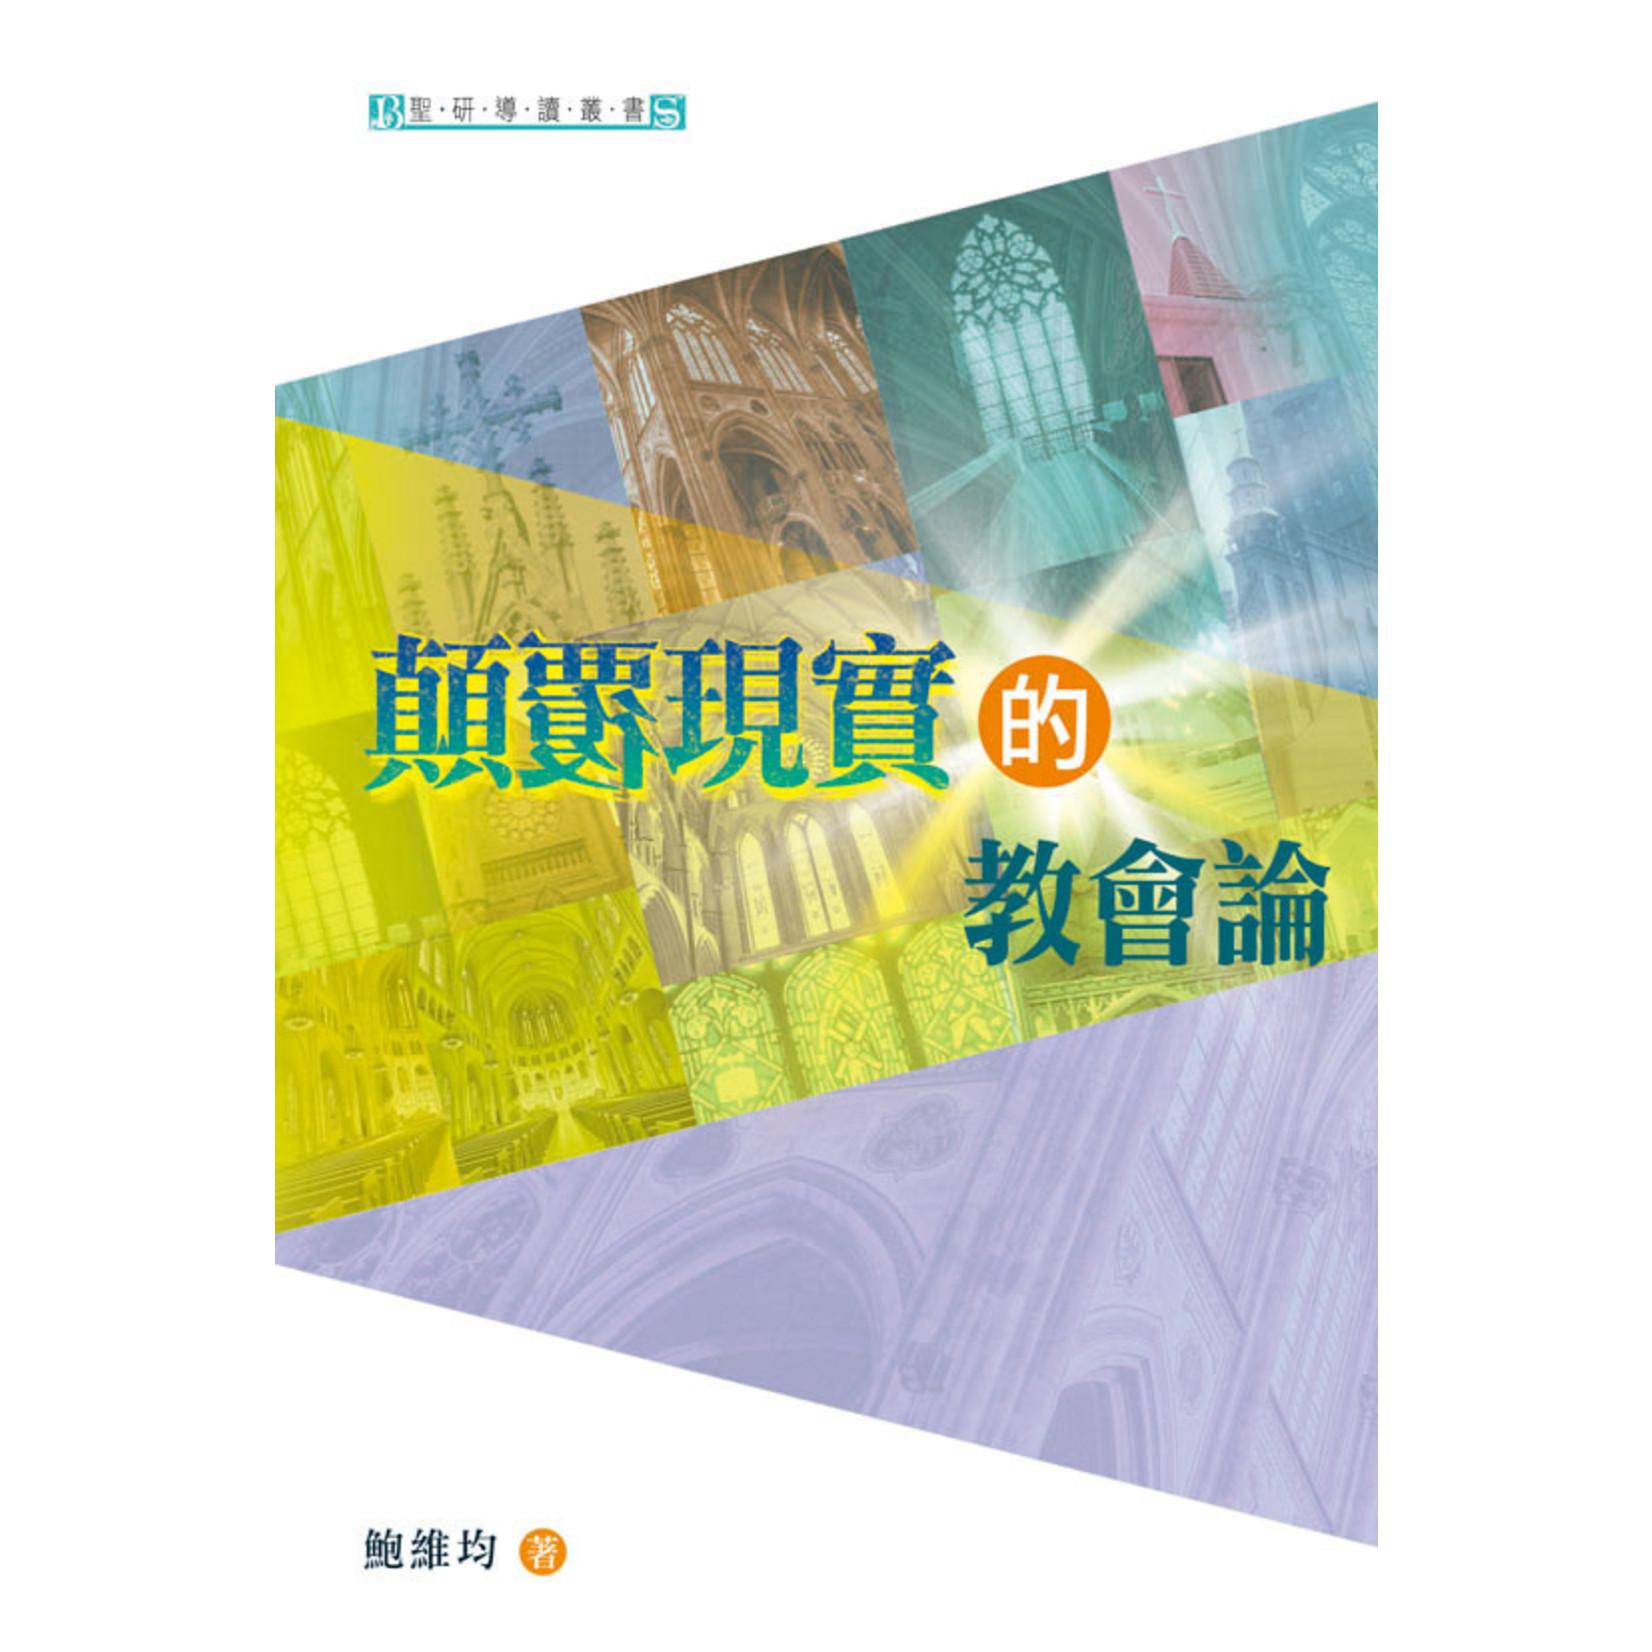 天道書樓 Tien Dao Publishing House 顛覆現實的教會論